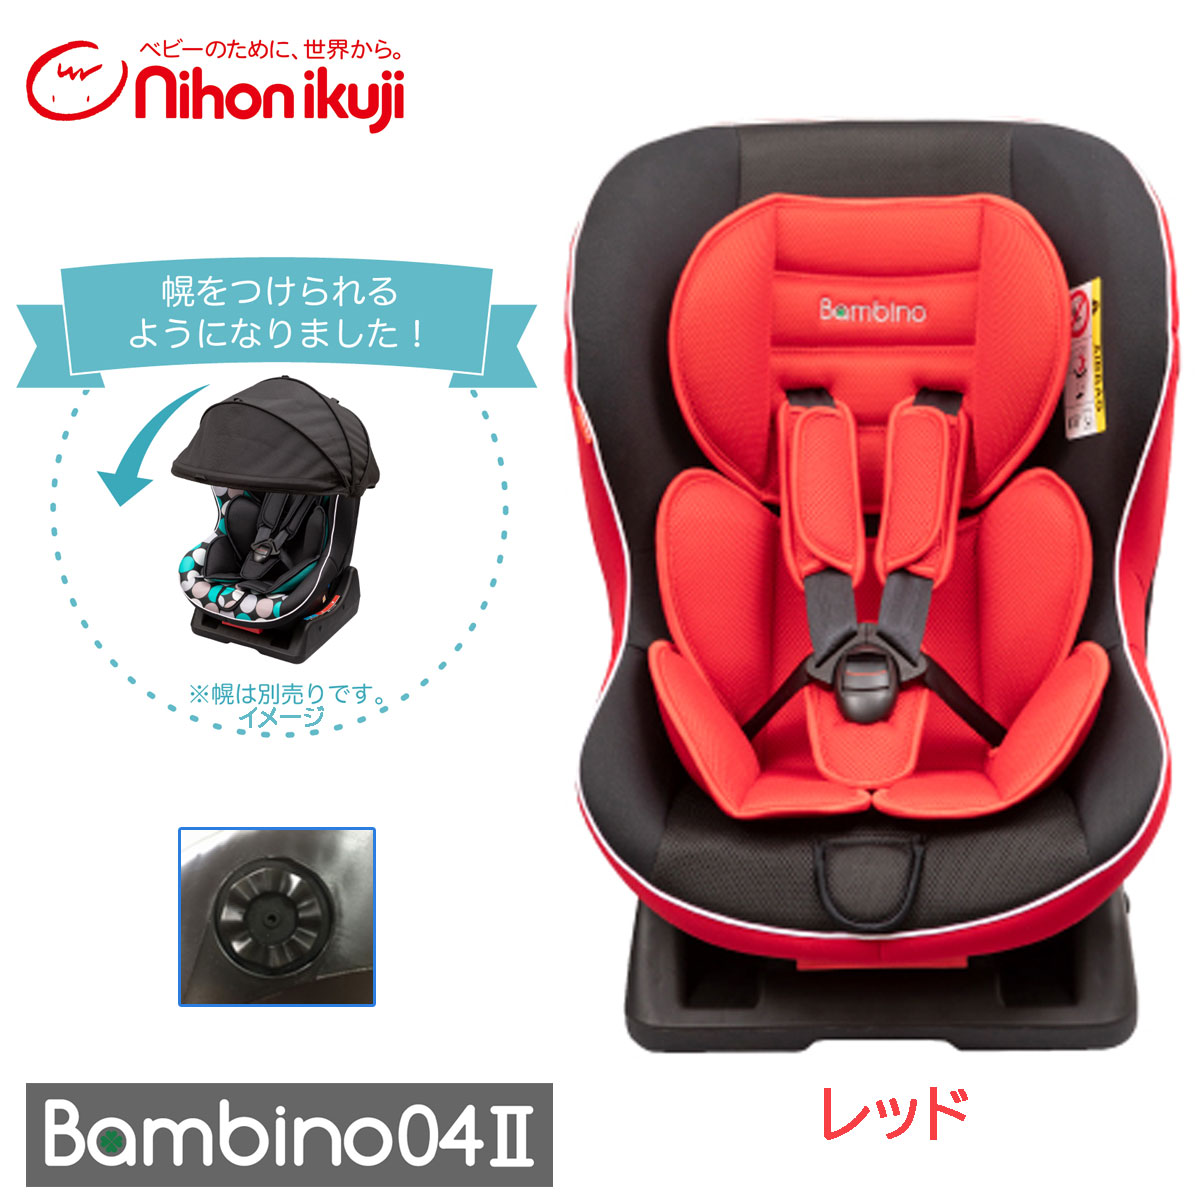 【送料無料】【新生児~4歳頃】 日本育児 バンビーノ04-2 チャイルドシート レッド(6420102001) ベビー用品 キッズ 5点式ハーネス シートベルト式 Bambino